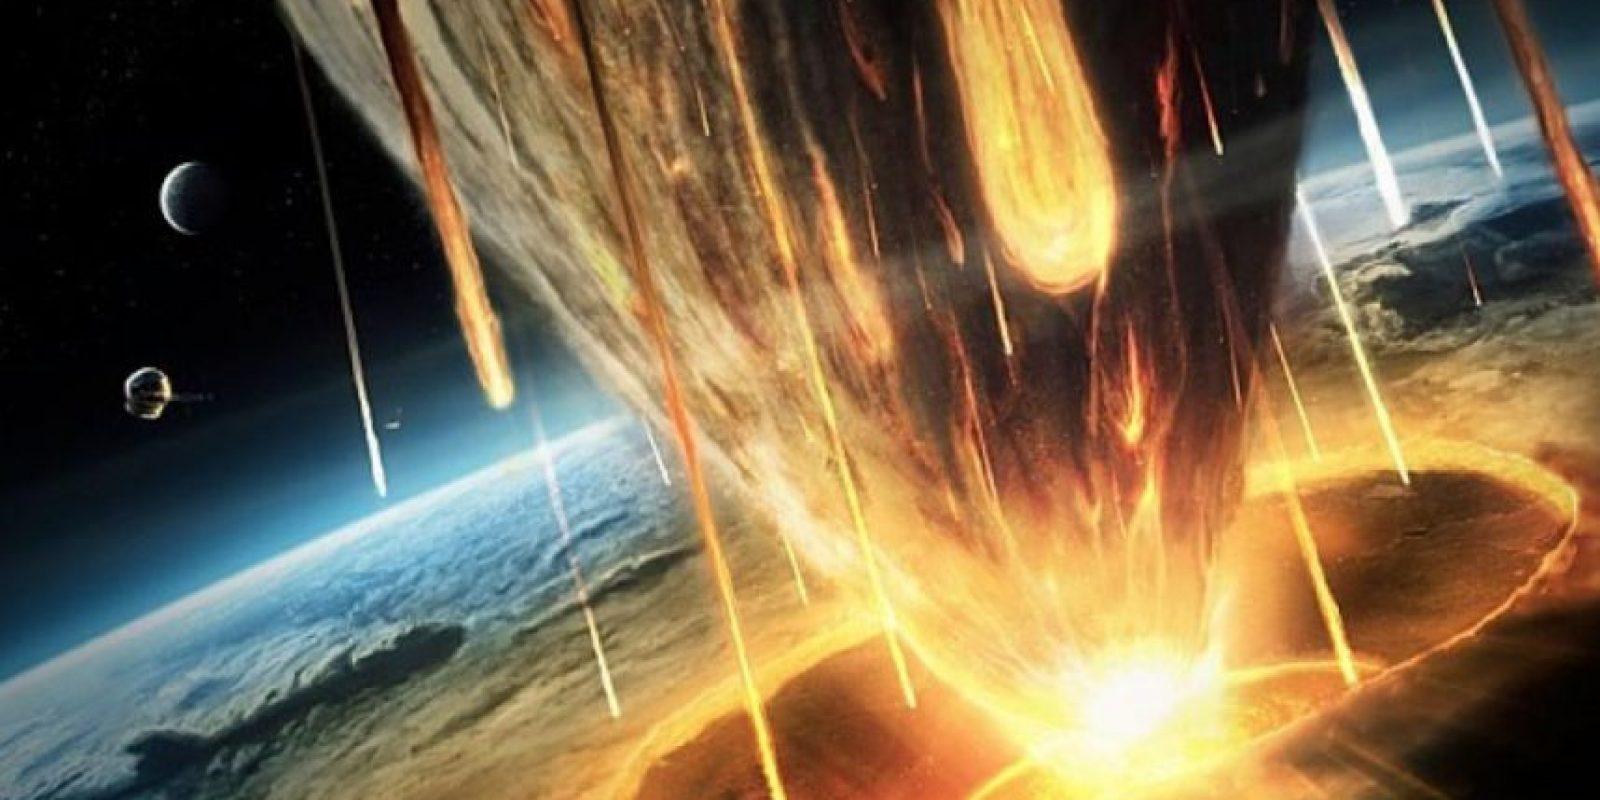 Seguido a esto, los retos del impacto se esparcirían por la atmósfera terrestre. Los restos del meteorito viajarían en pocas horas a todas las ciudades del planeta. Foto:vía Astroart